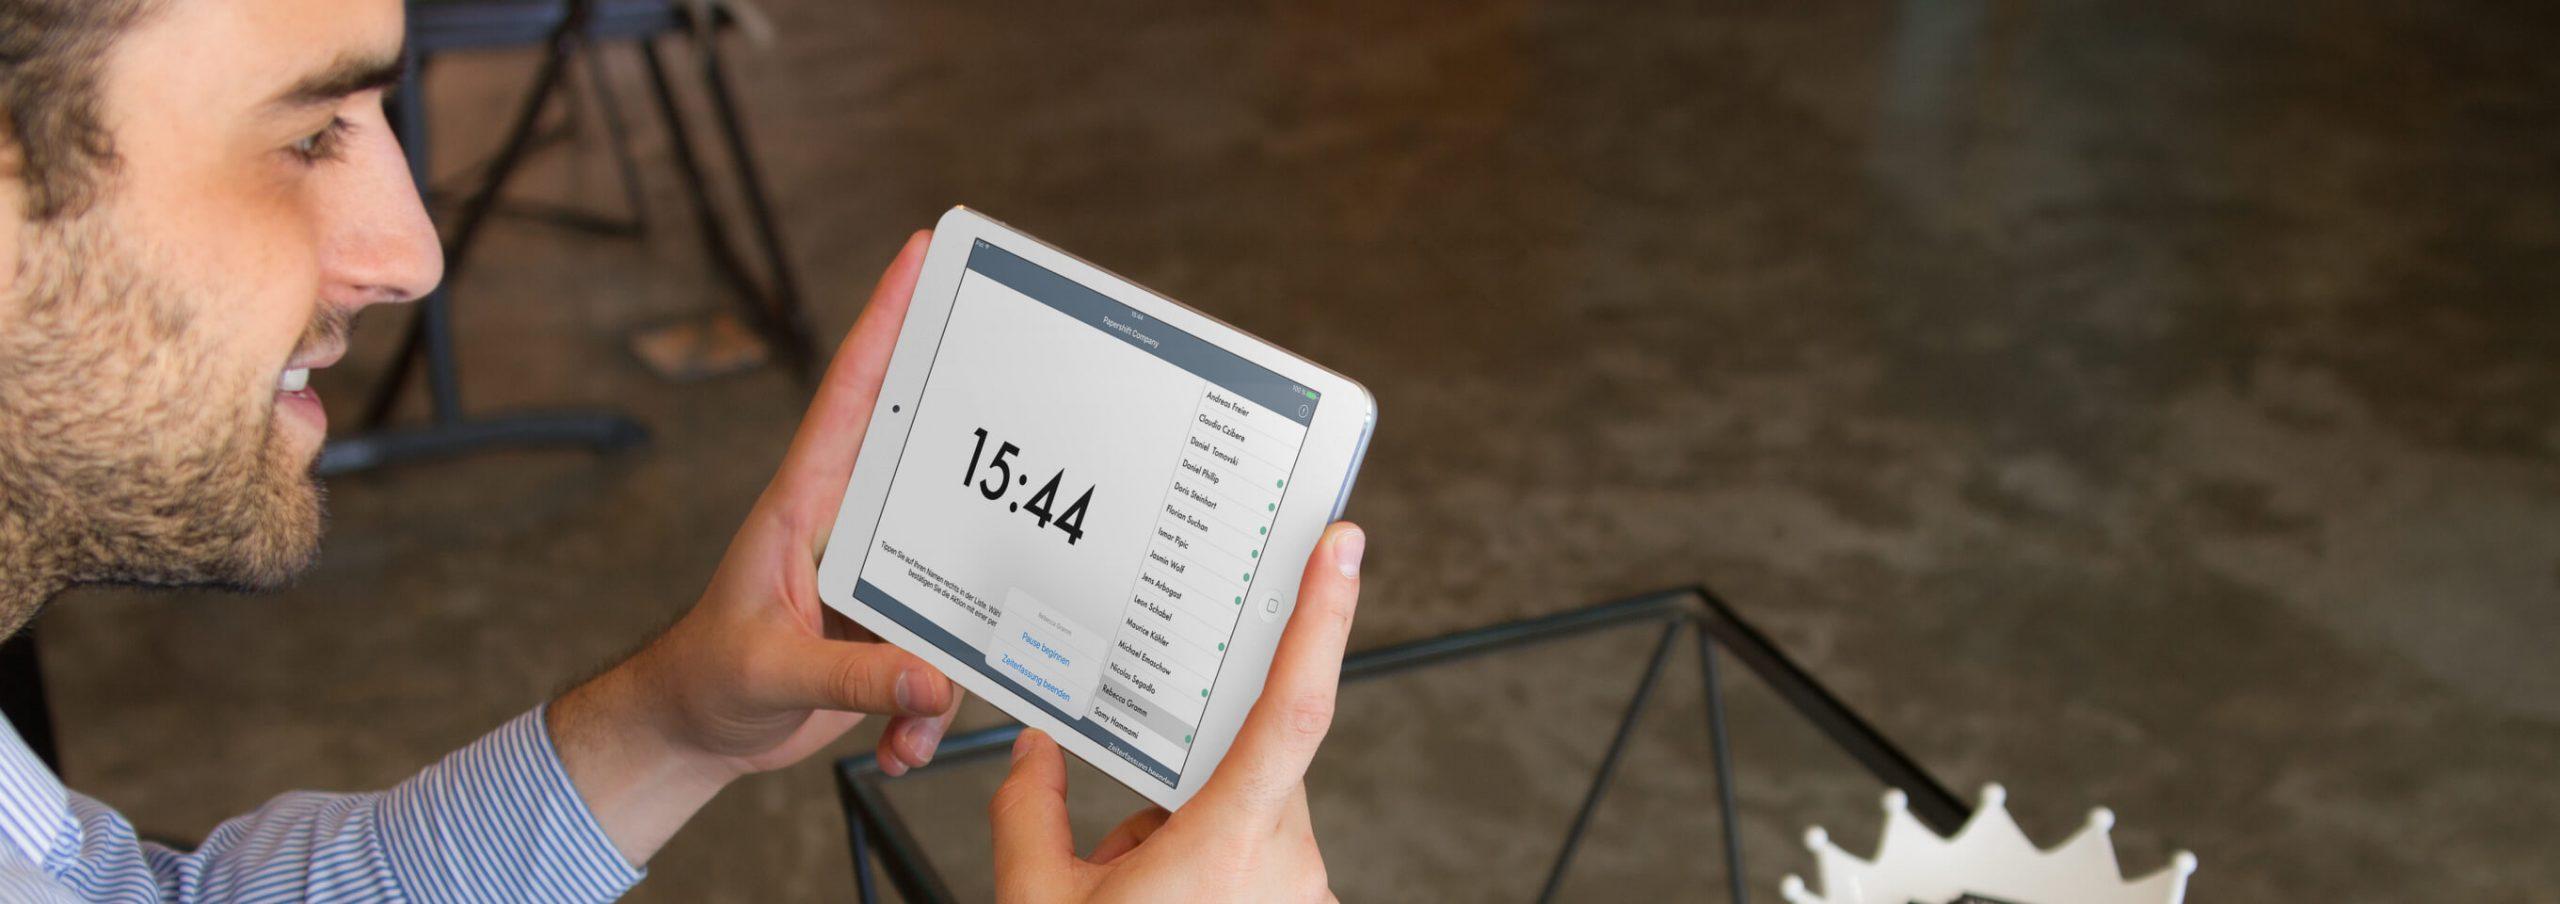 6 Vorteile einer digitalen Stempeluhr